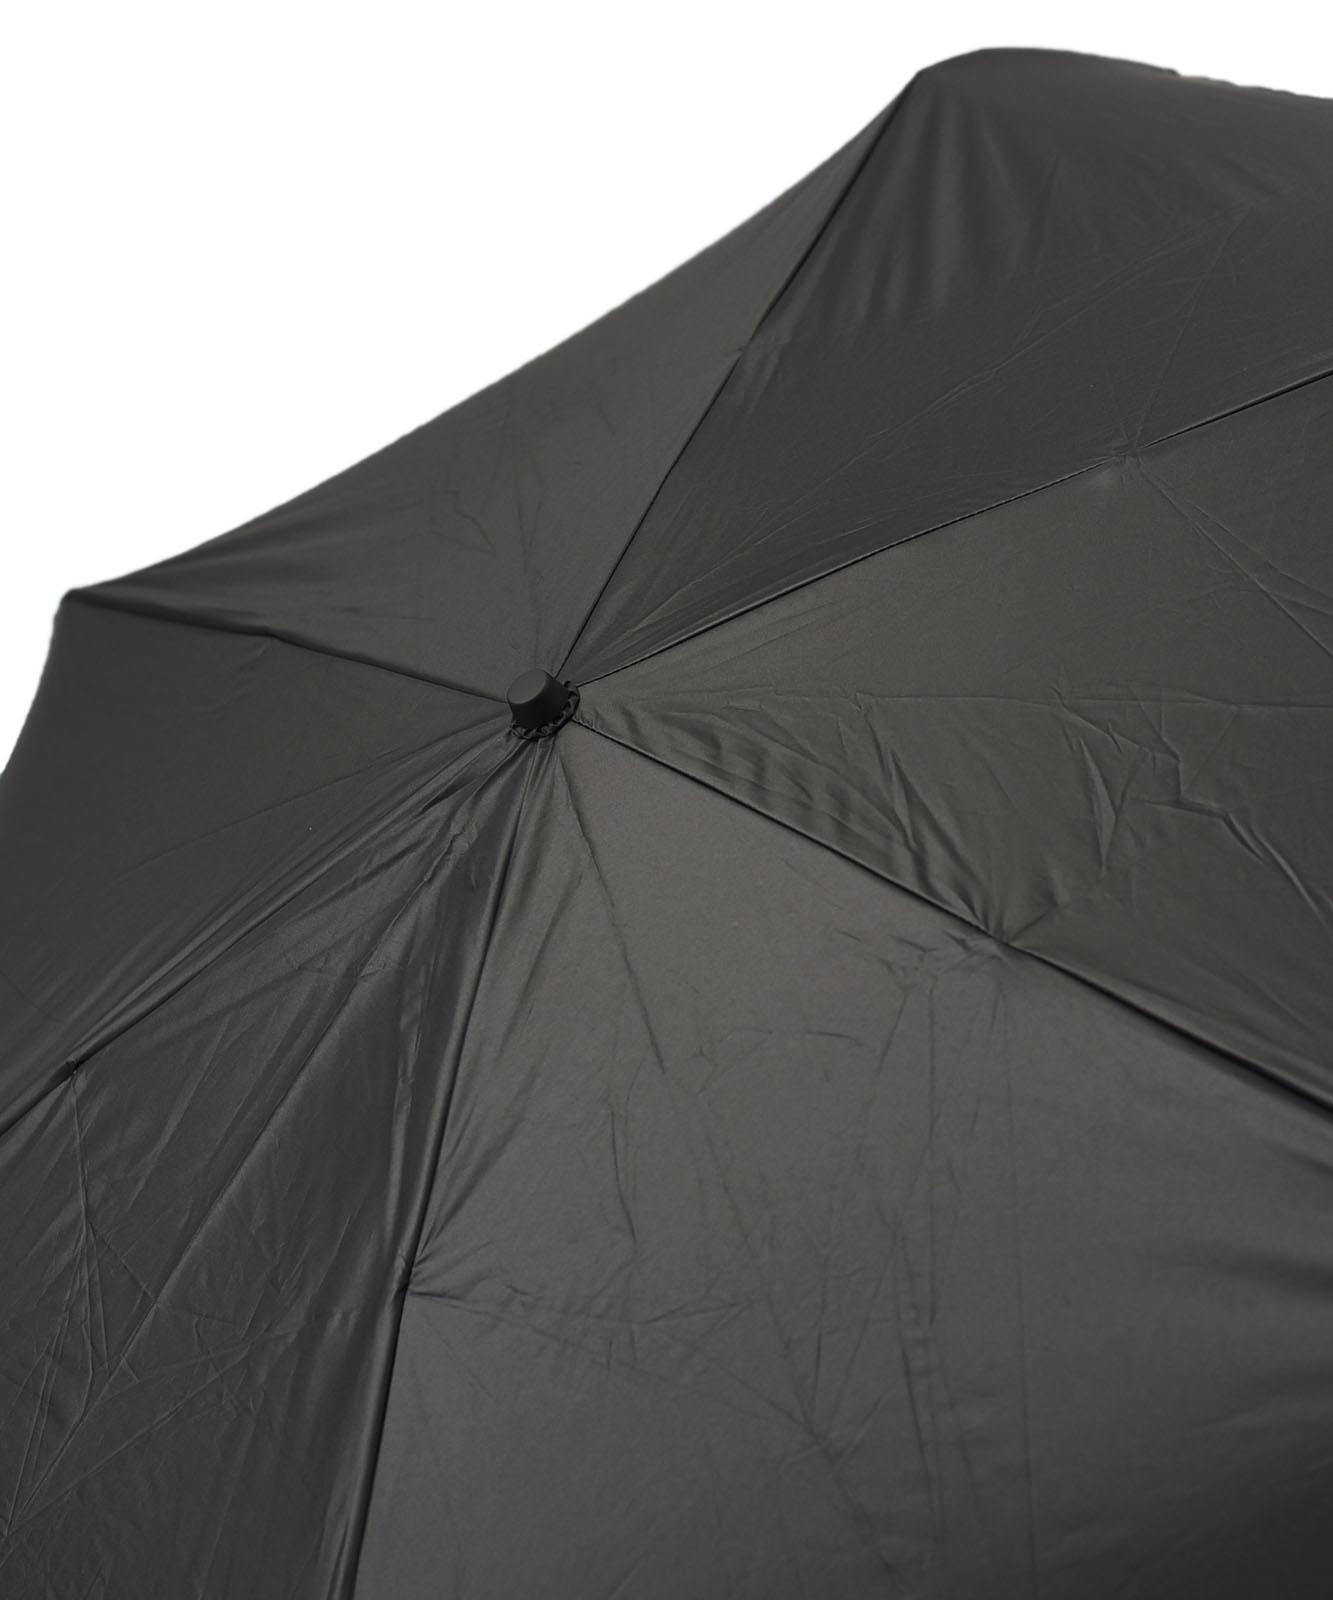 折り畳み日傘(60cm/ユニセックス)